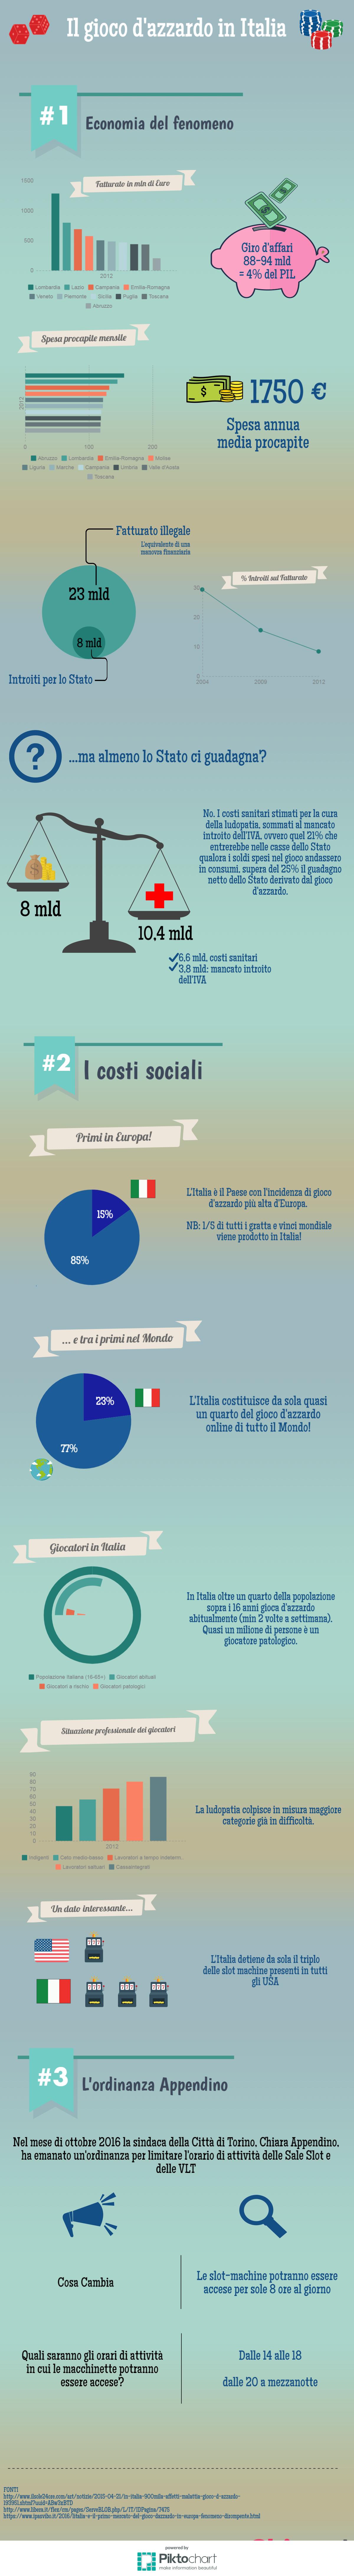 Infografica su gioco d'azzardo in Italia e ordinanza Appendino